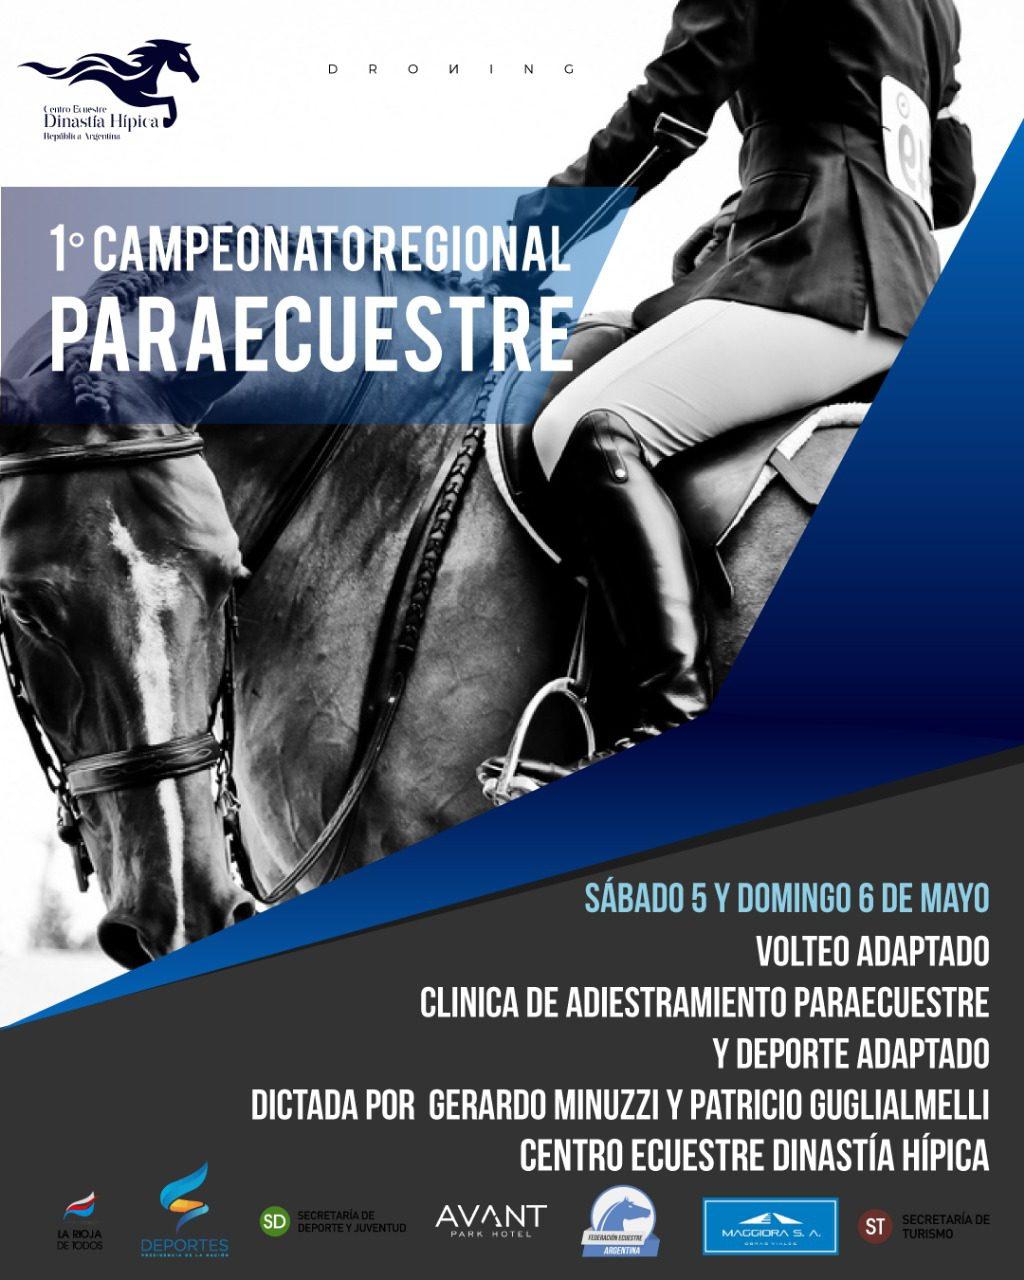 Paraecuestre: campeonato regional en La Rioja